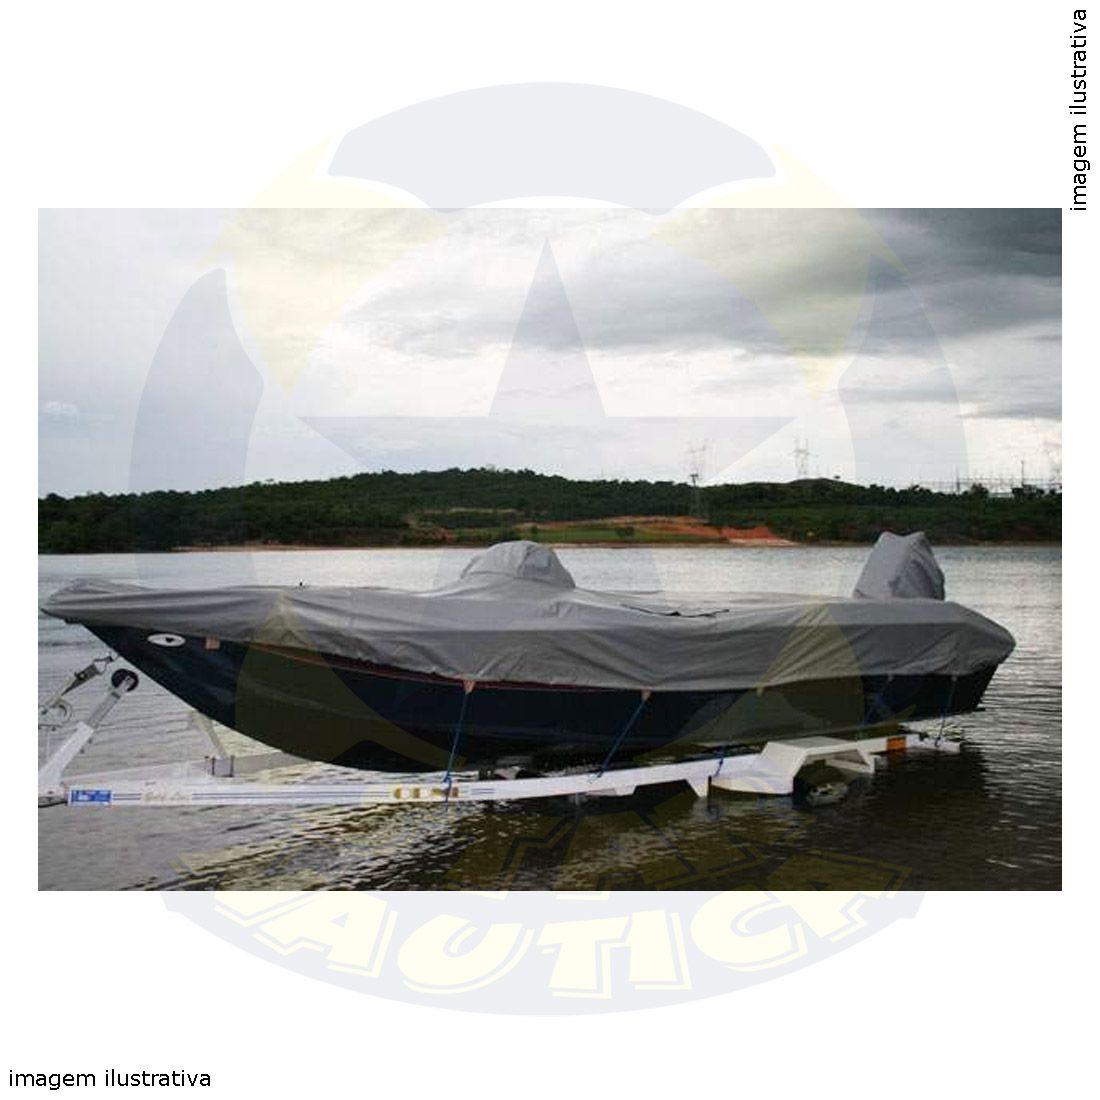 Capa Lona de Cobertura Lancha Apolus 600 Tracker 19 Pés Lona Vinílica